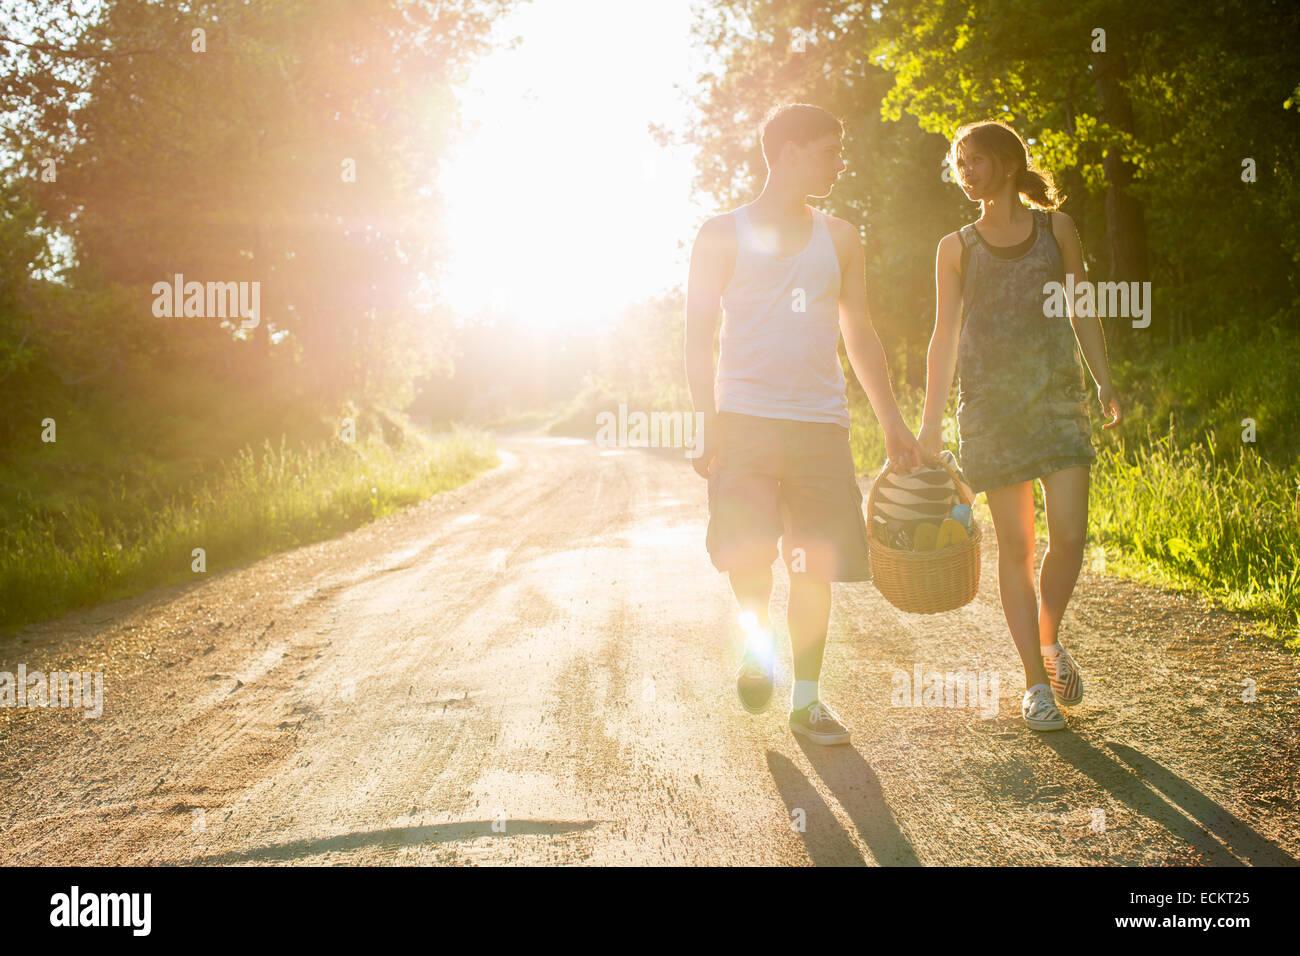 Voller Länge Vorderansicht des Paares zu Fuß auf Feldweg gegen die helle Sonne Stockbild